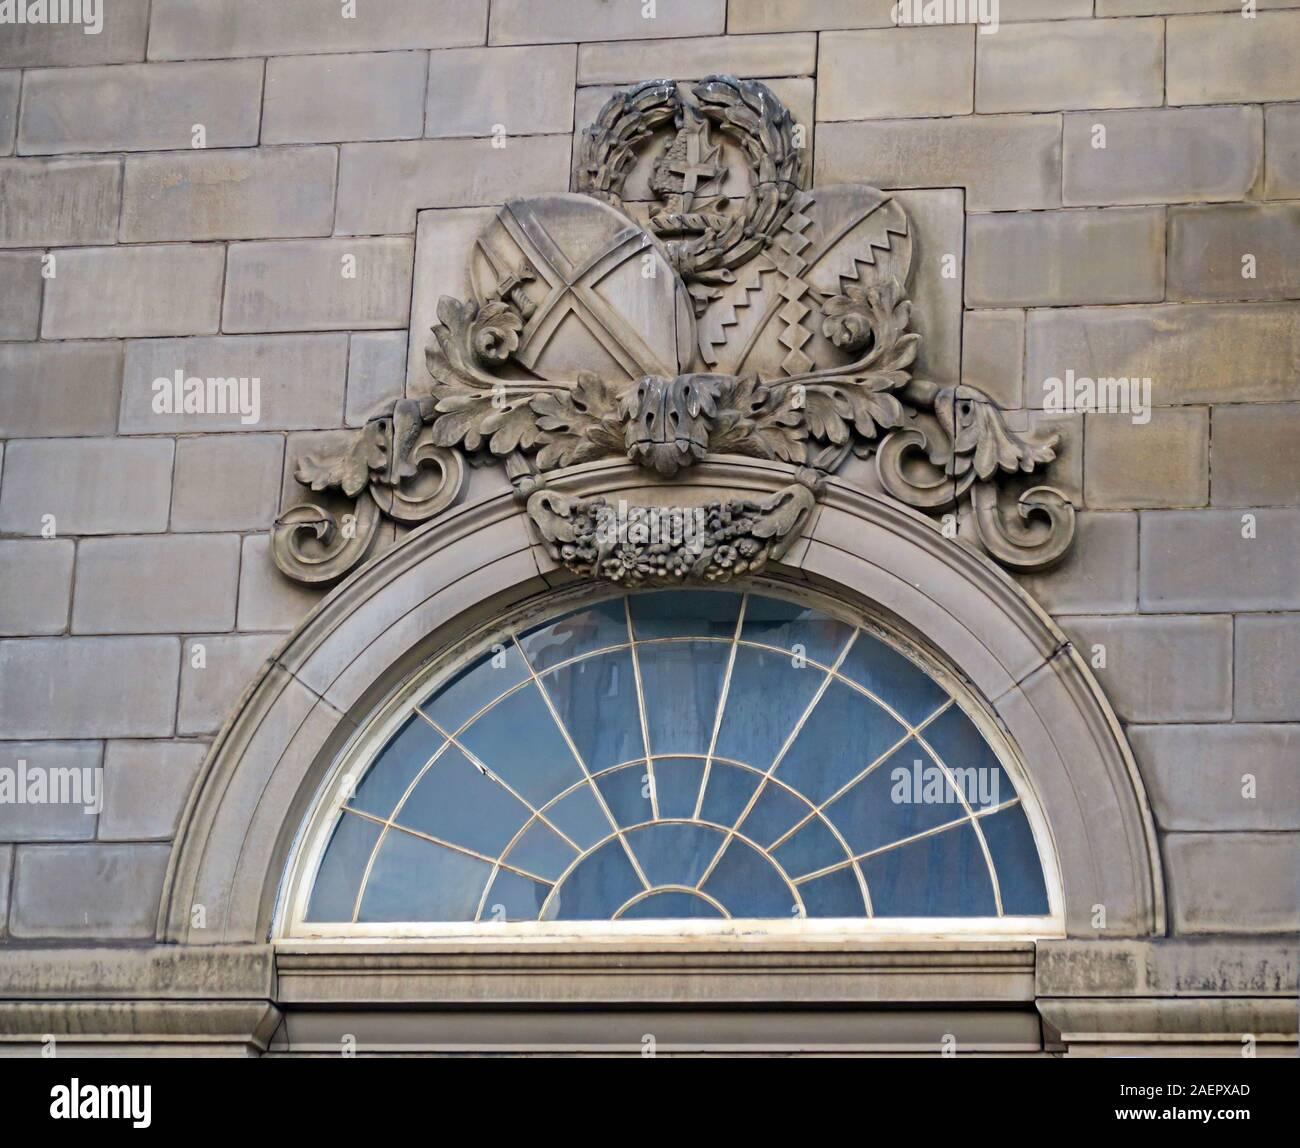 Dieses Stockfoto: Historisches Gebäude am Eingang des Bahnhofs Old Curzon Street, HS2-Entwicklung, Birmingham, Curzon Street, Birmingham, West Midlands, England, Großbritannien, B5 5LG - 2AEPXA